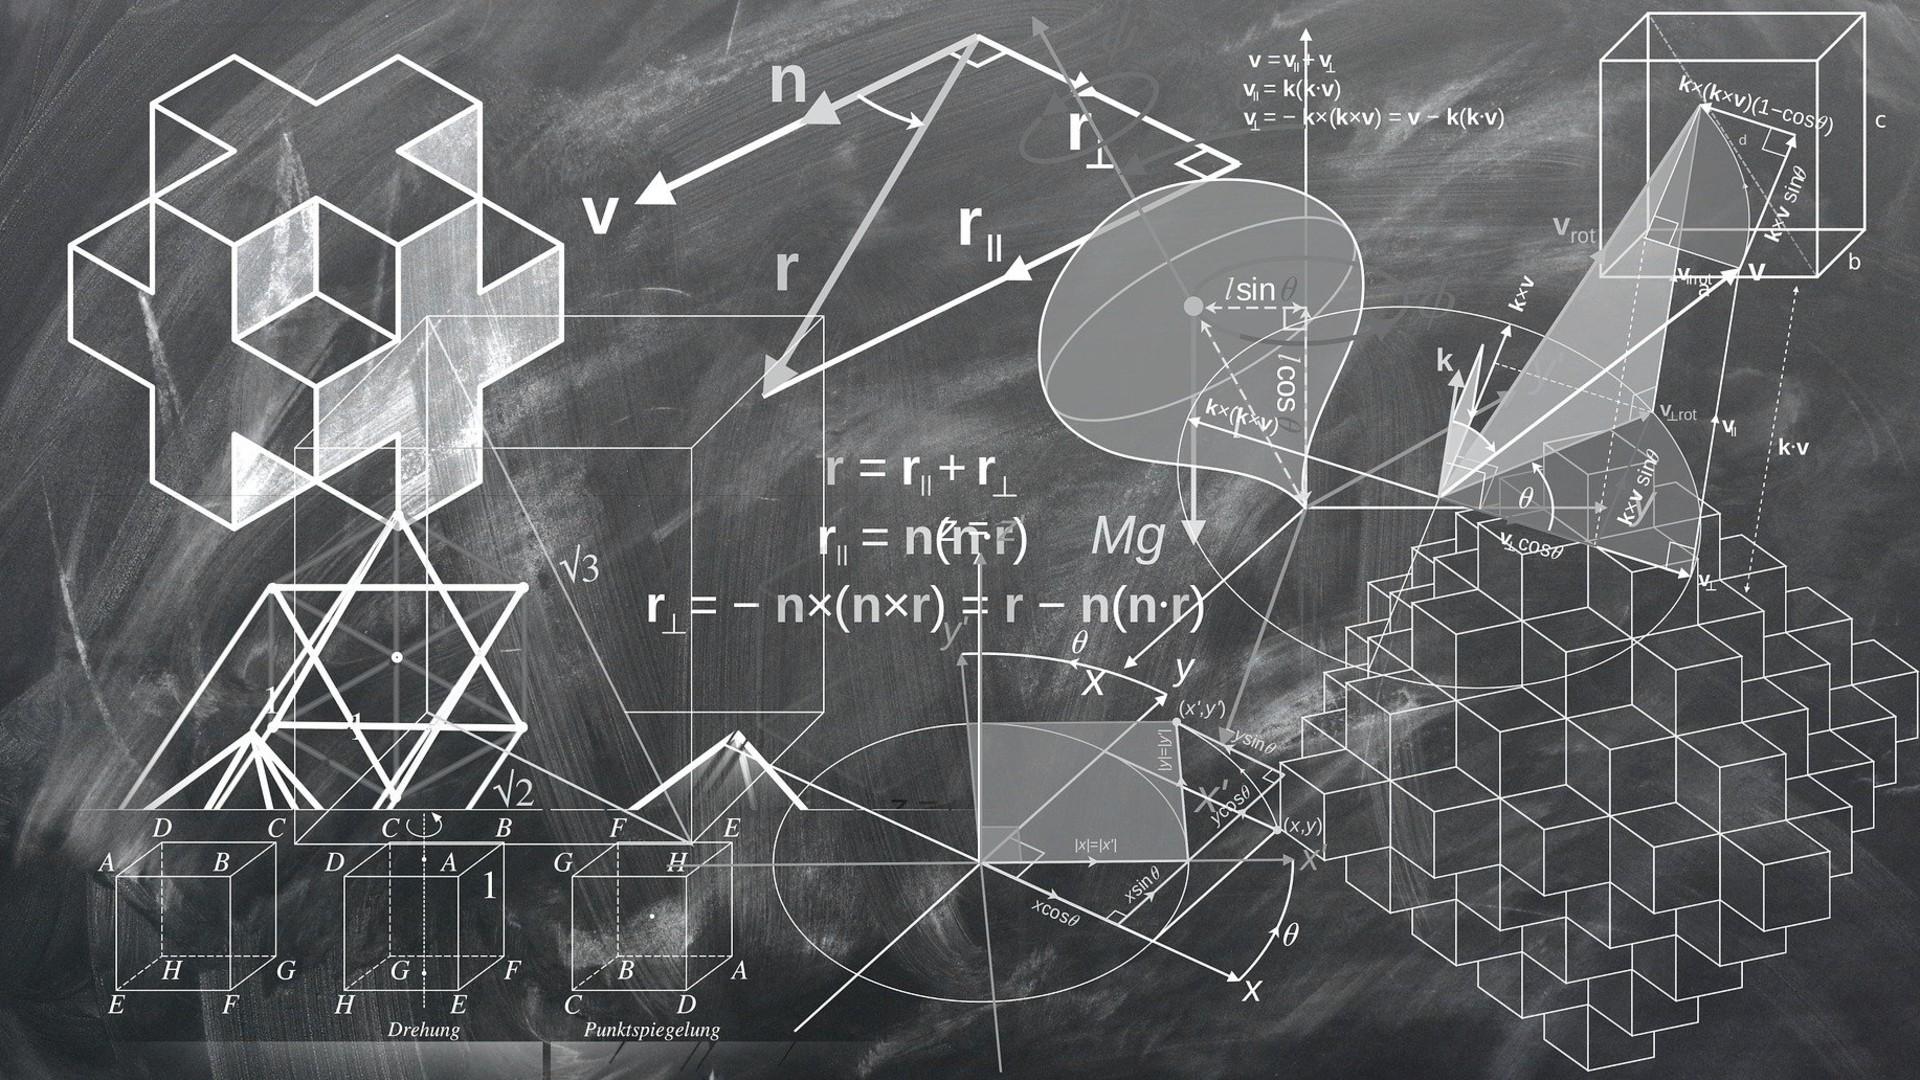 Cette machine génère des formules mathématiques encore inédites jusqu'ici - Numerama